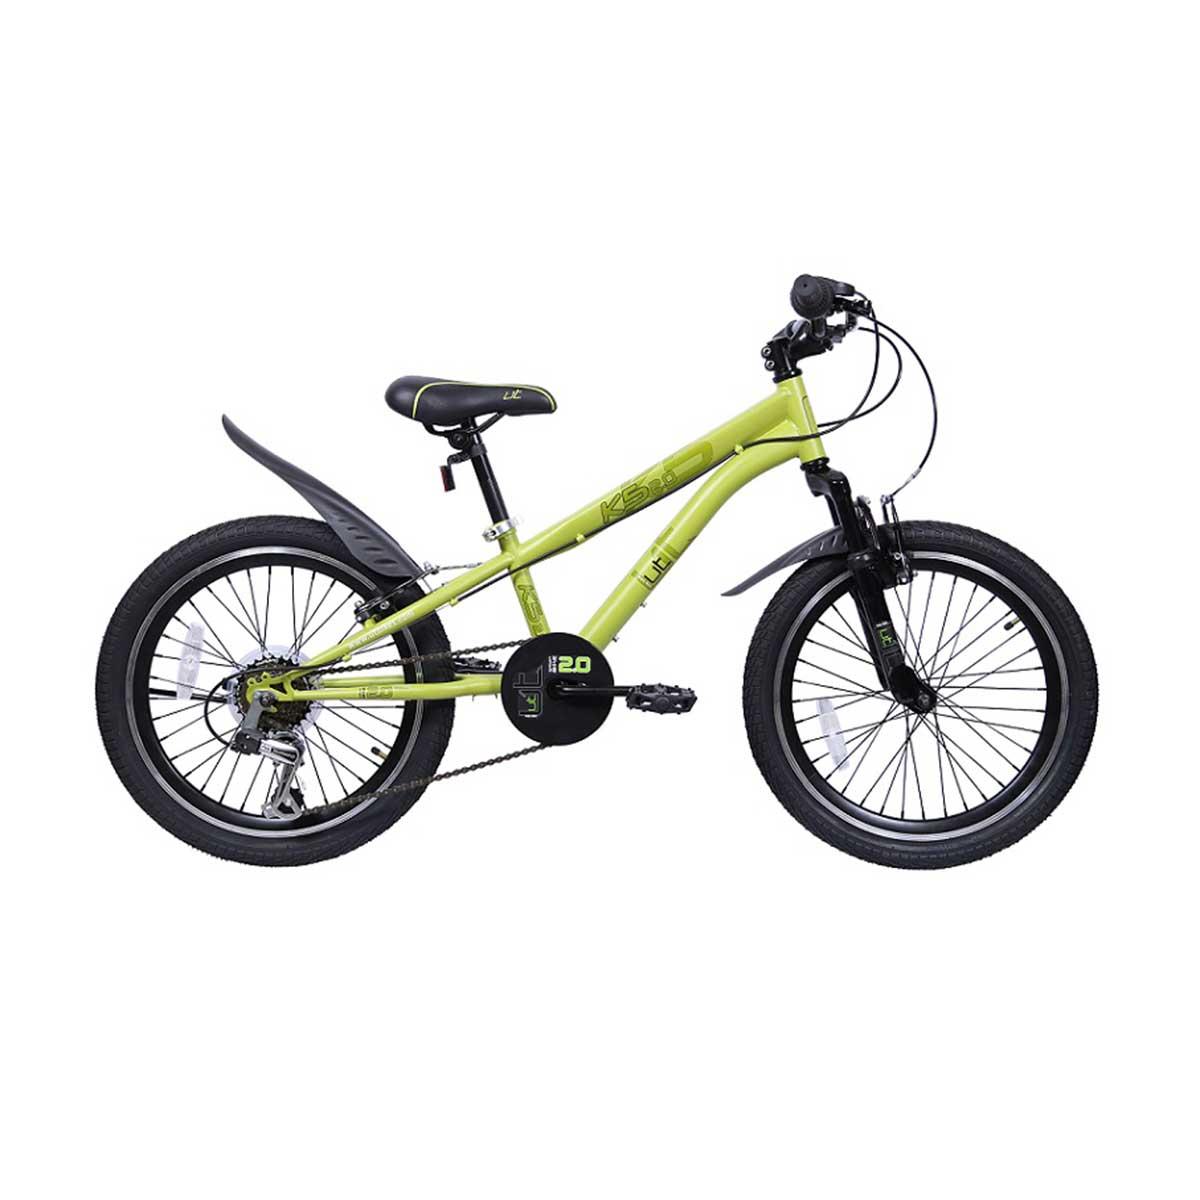 Buy Ut K5 Kids Bike Online India Ut Bikes